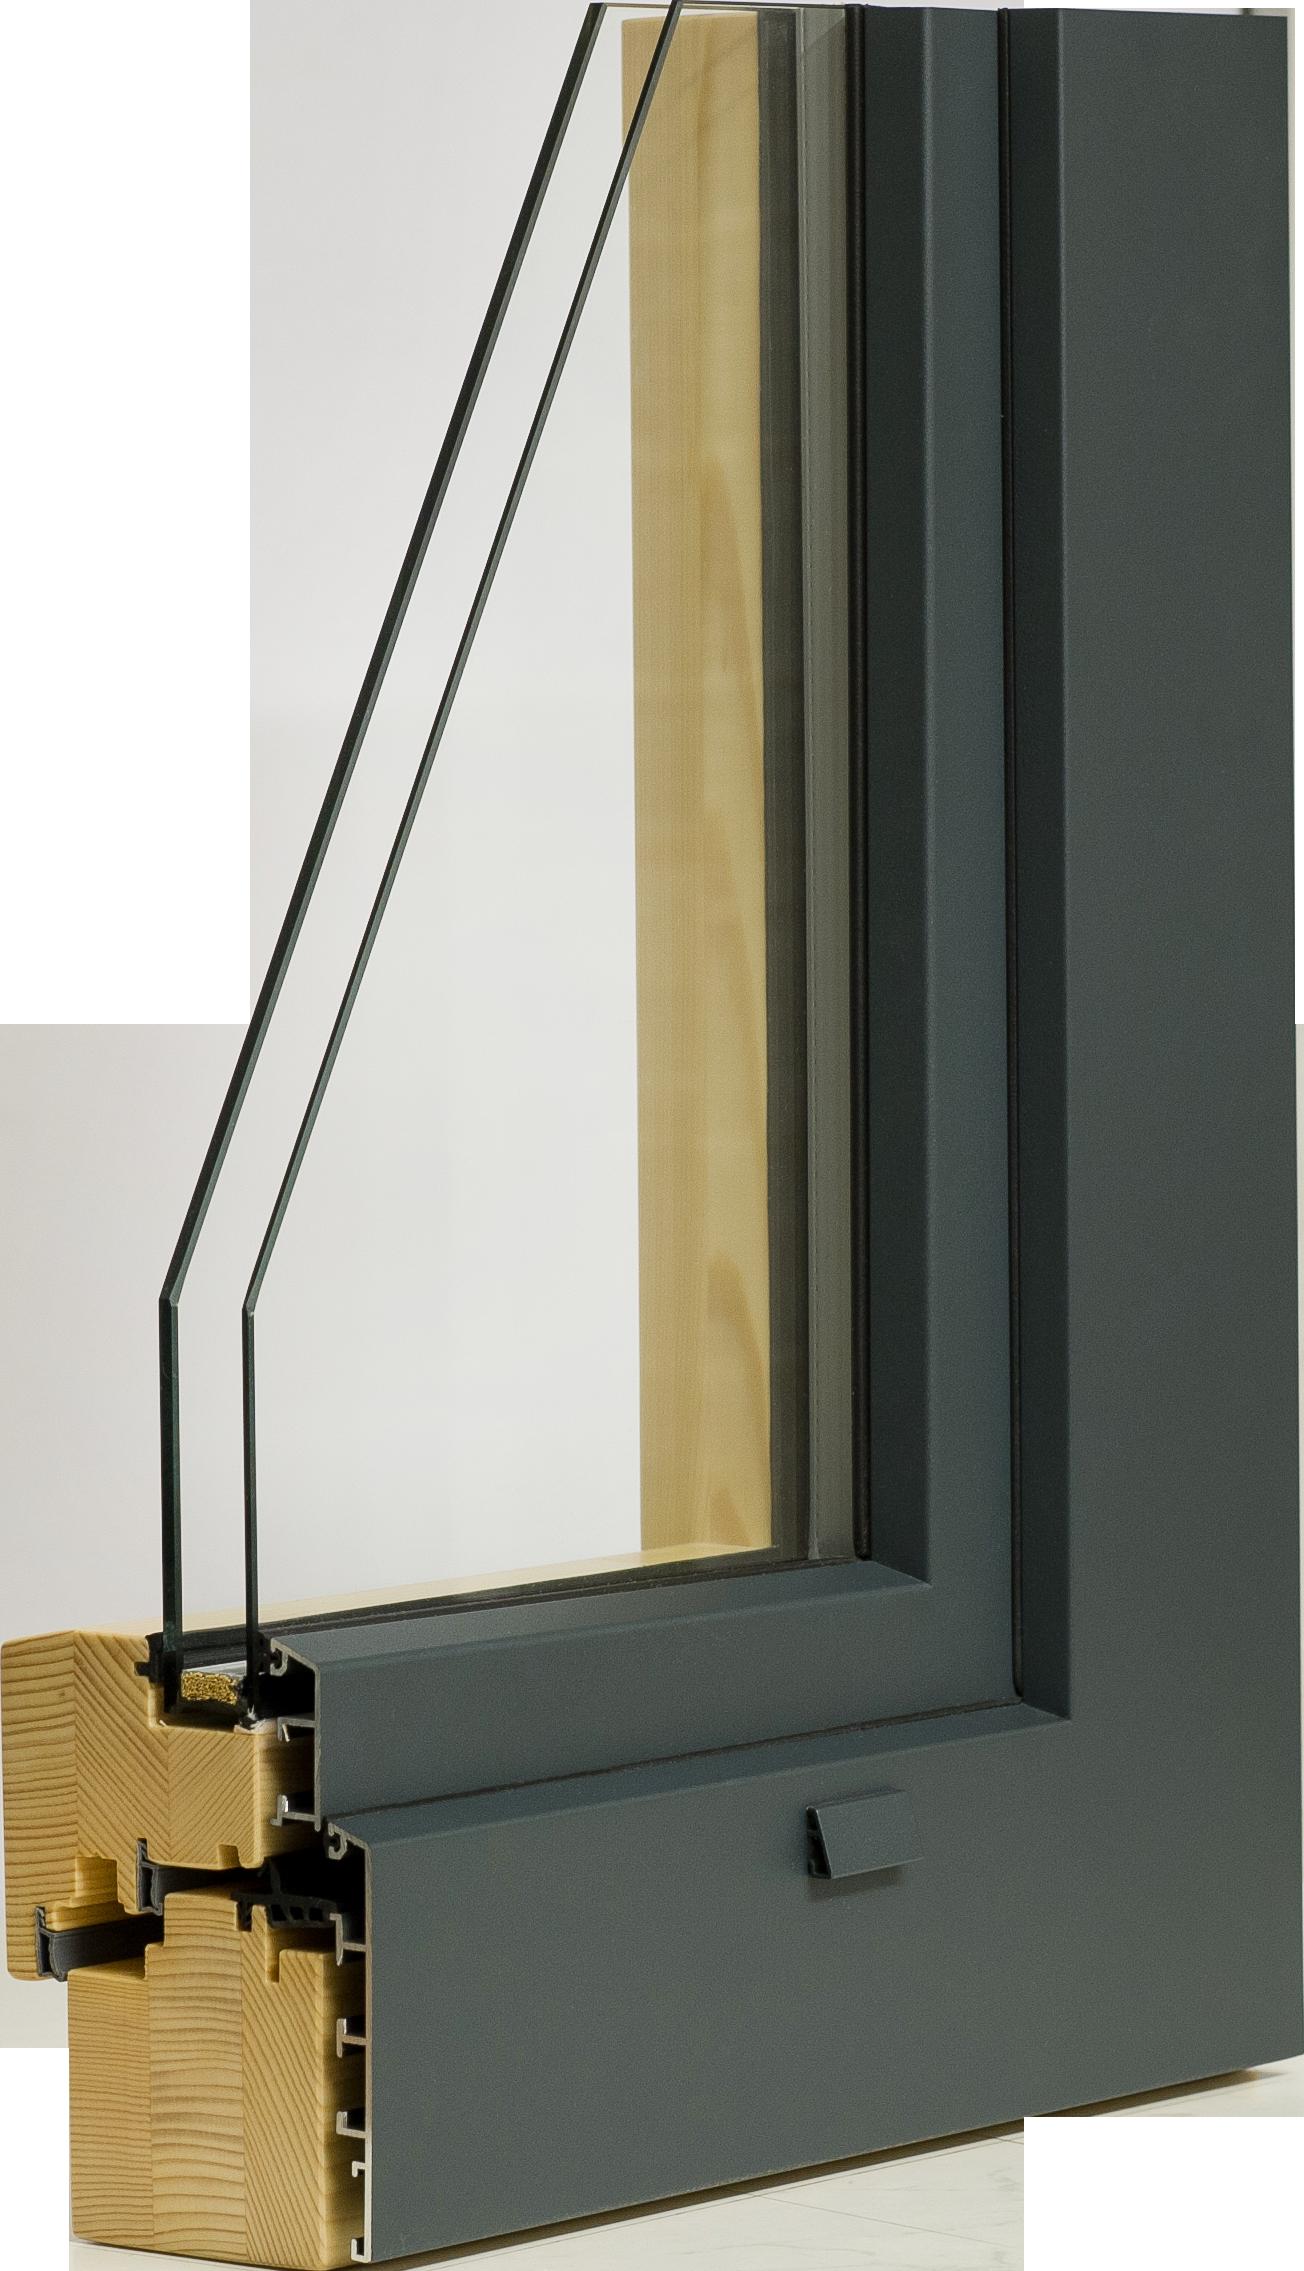 Full Size of Alu Fenster Holz Mit 2 Fach Verglasung Pomella Bernhard Aluminium Verbundplatte Küche Salamander Folie Für Winkhaus Drutex Schüco Kaufen Sicherheitsfolie Fenster Alu Fenster